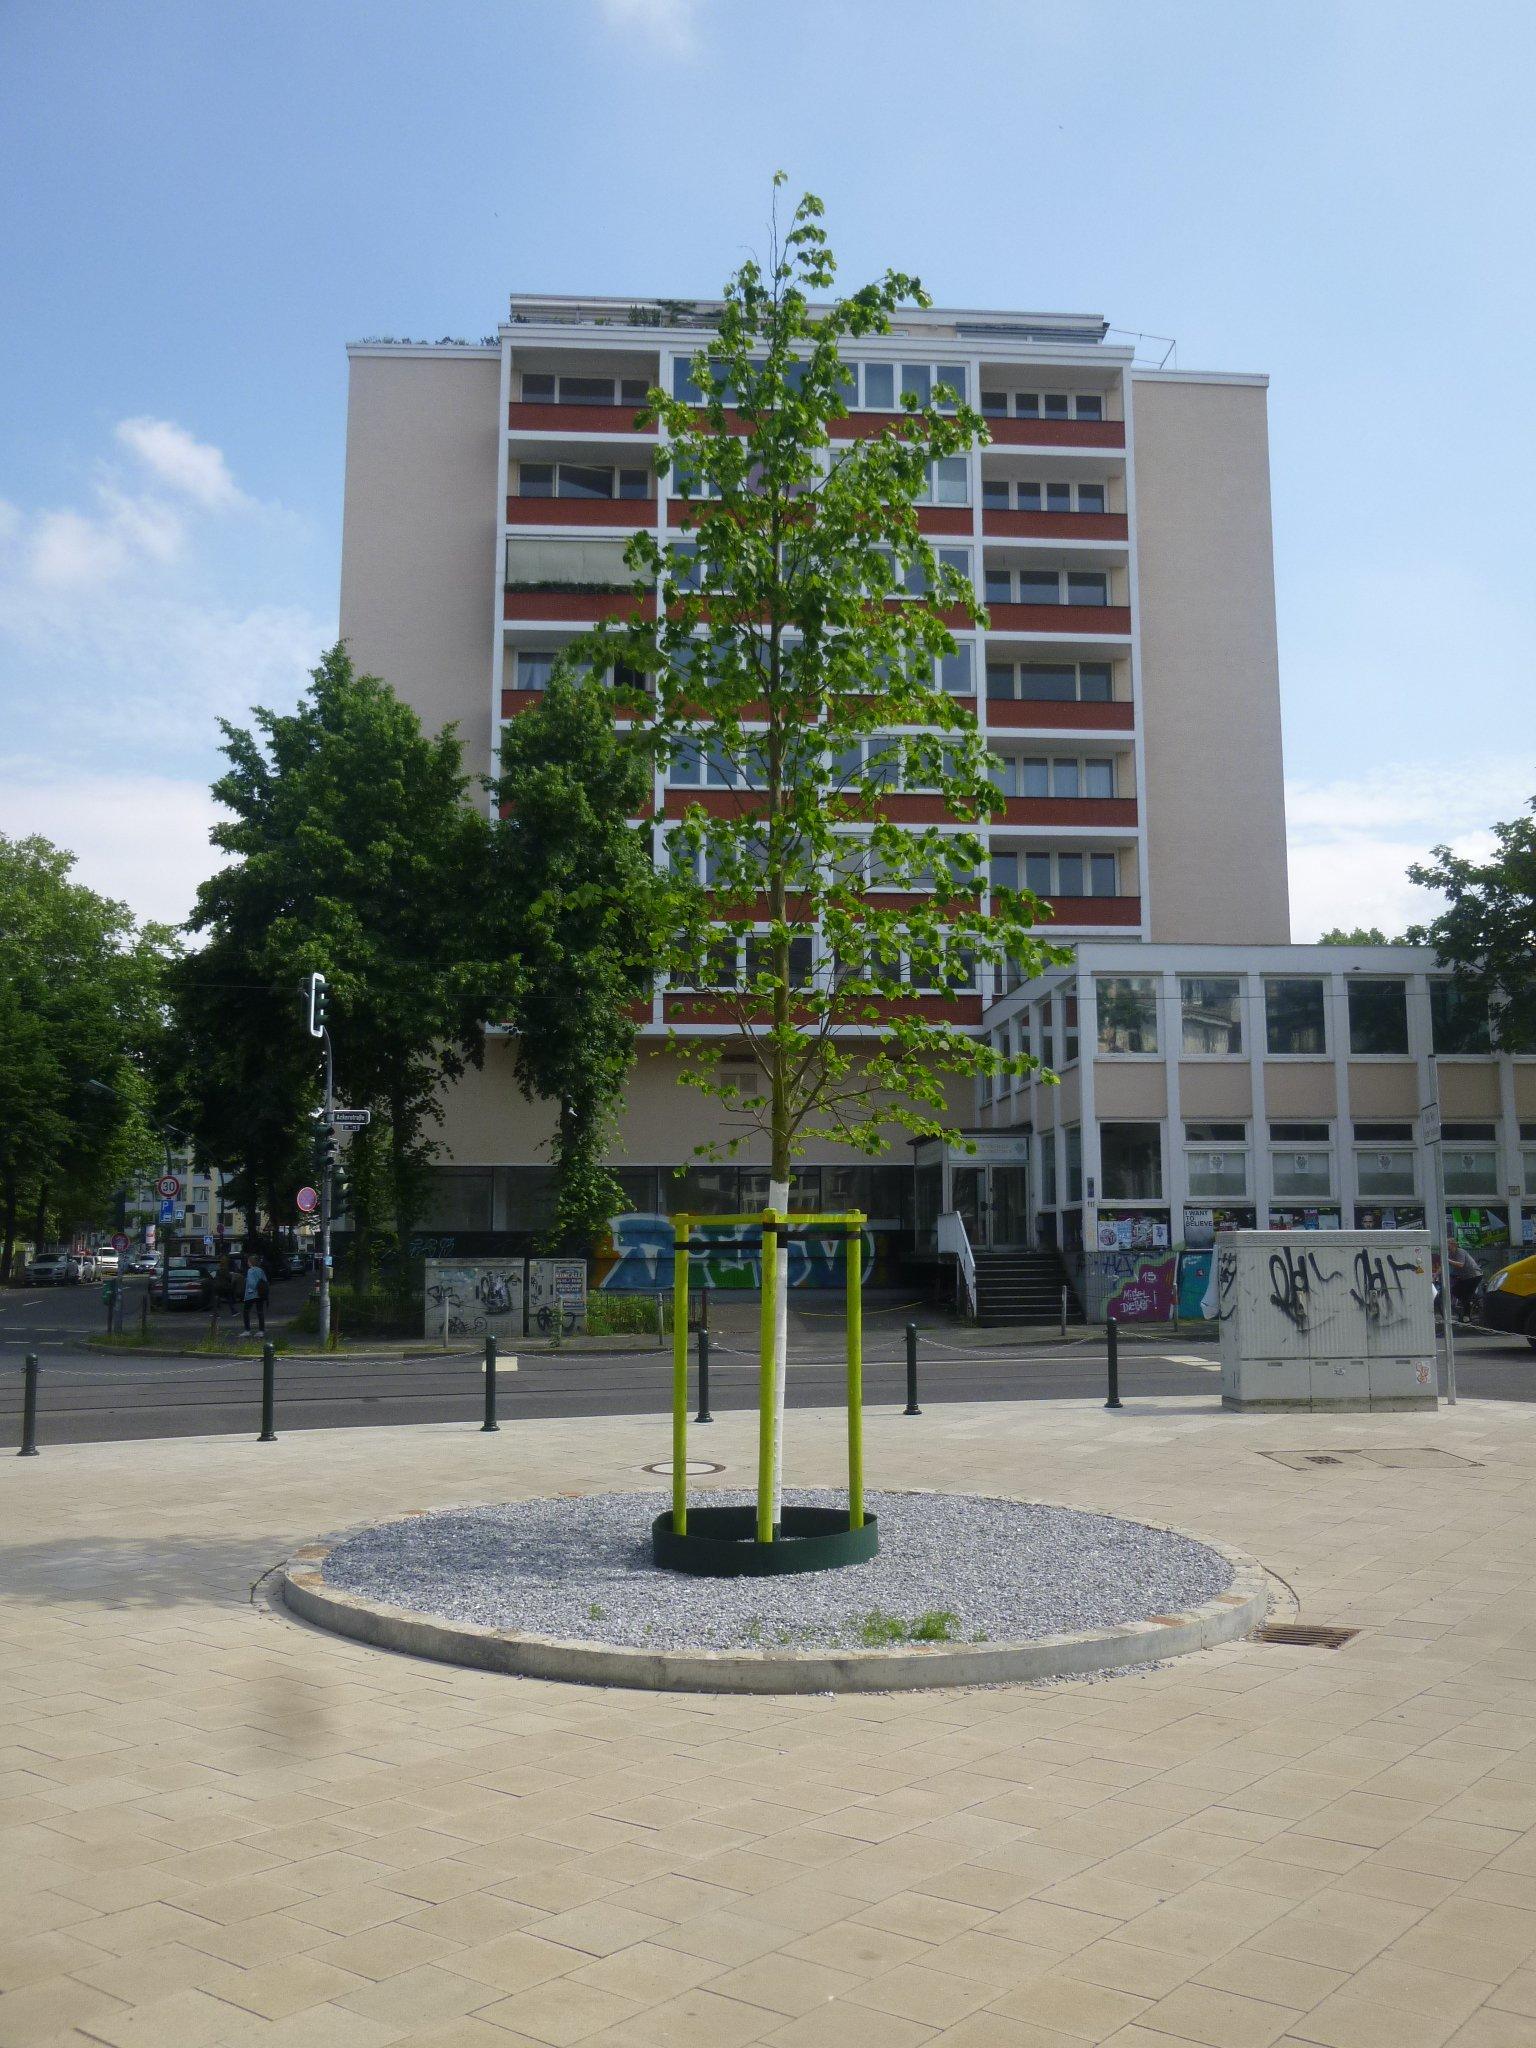 Baum Linden-/Ackerstr.